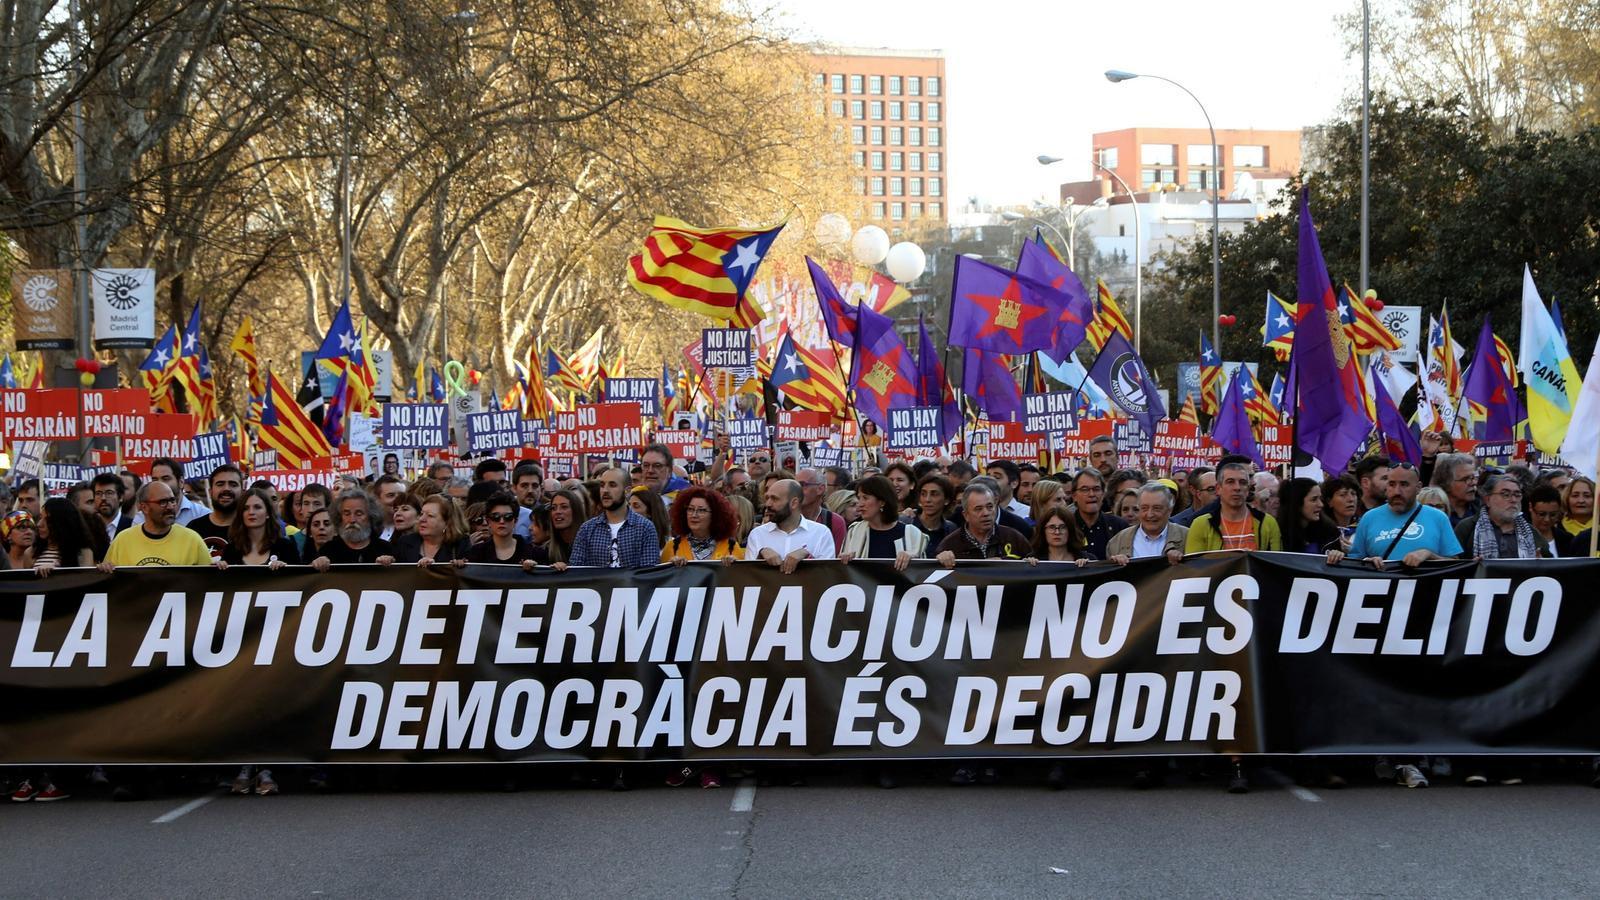 Un 51,8% dels espanyols rebutgen un referèndum però el 53,3% n'acceptarien el resultat, segons el CEO